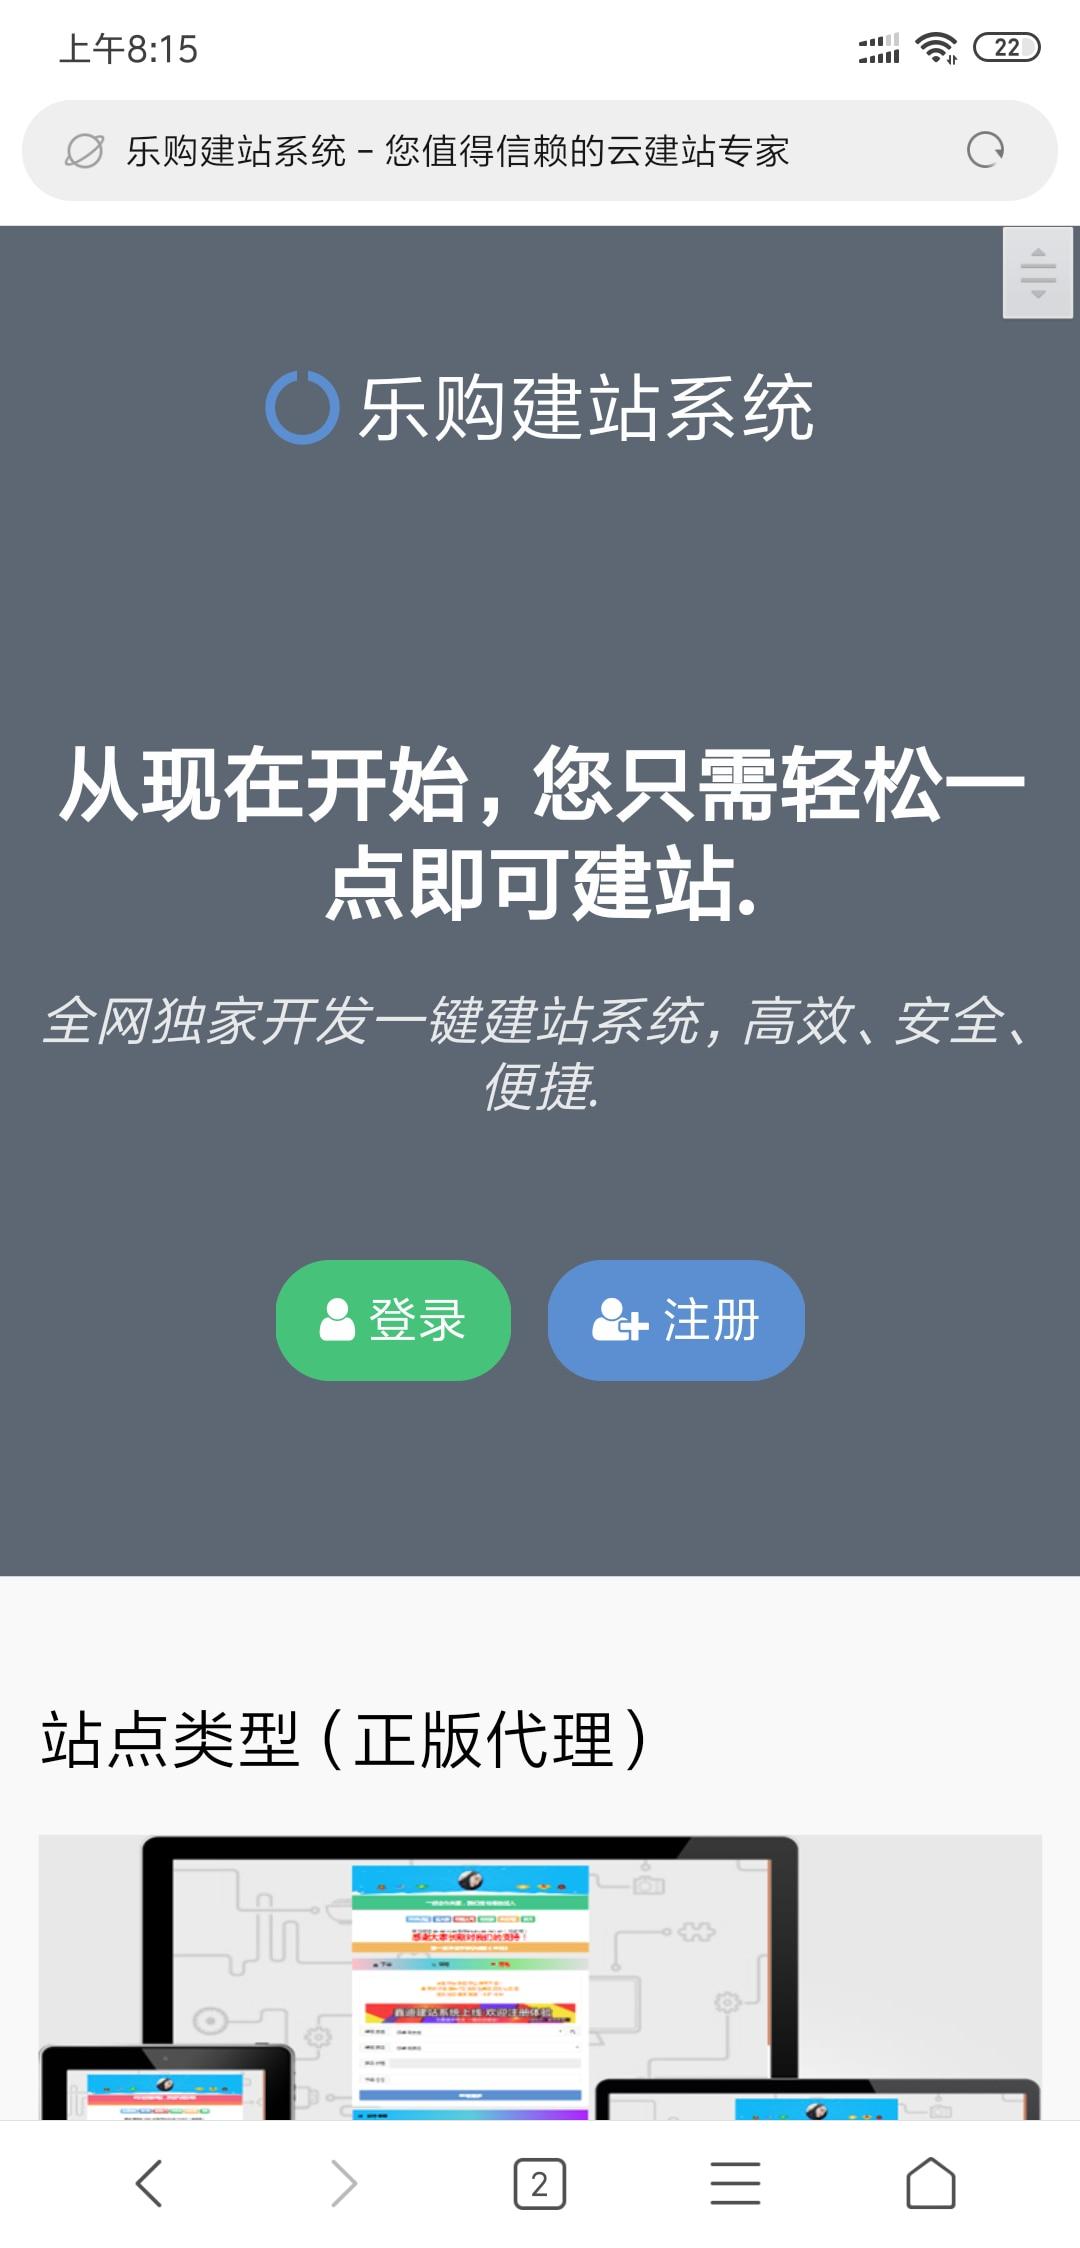 自助乐购建站源码,主机可塔建无需服务器